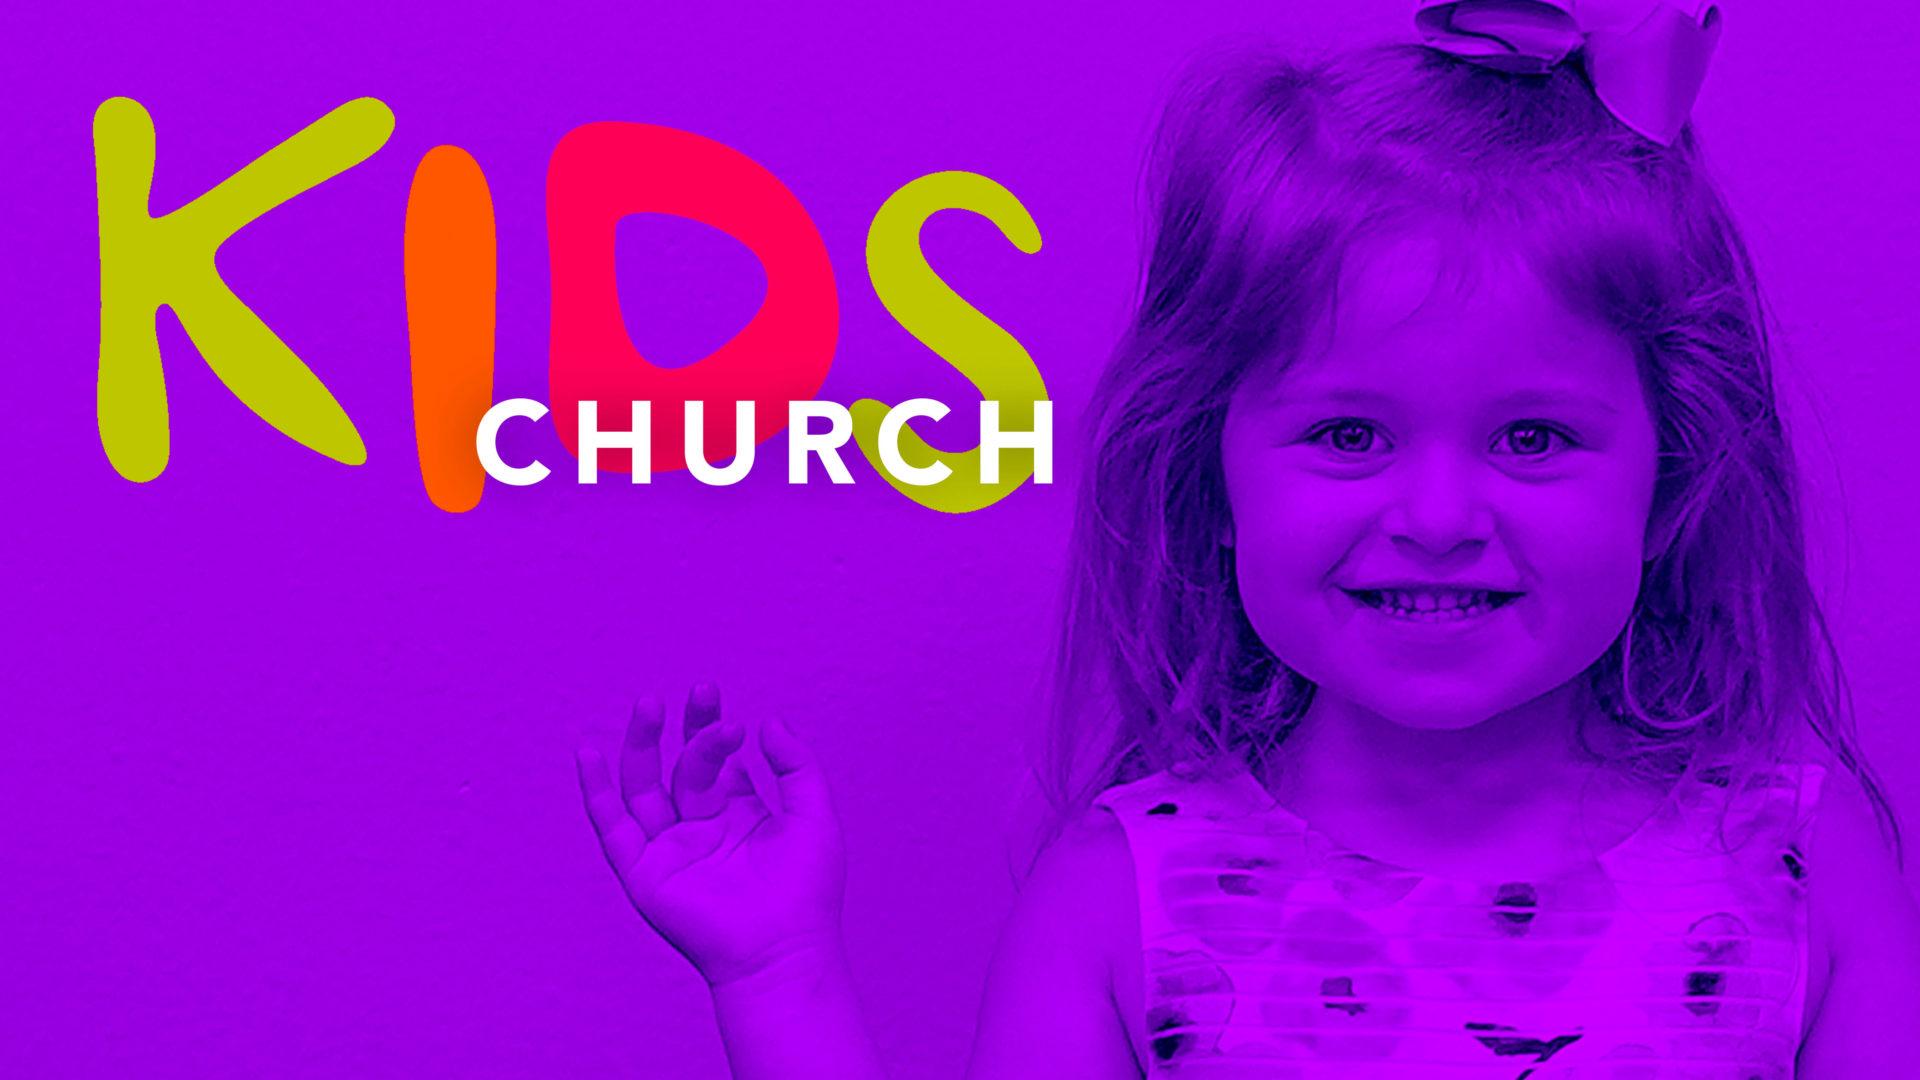 Kids Church August 2, 2020